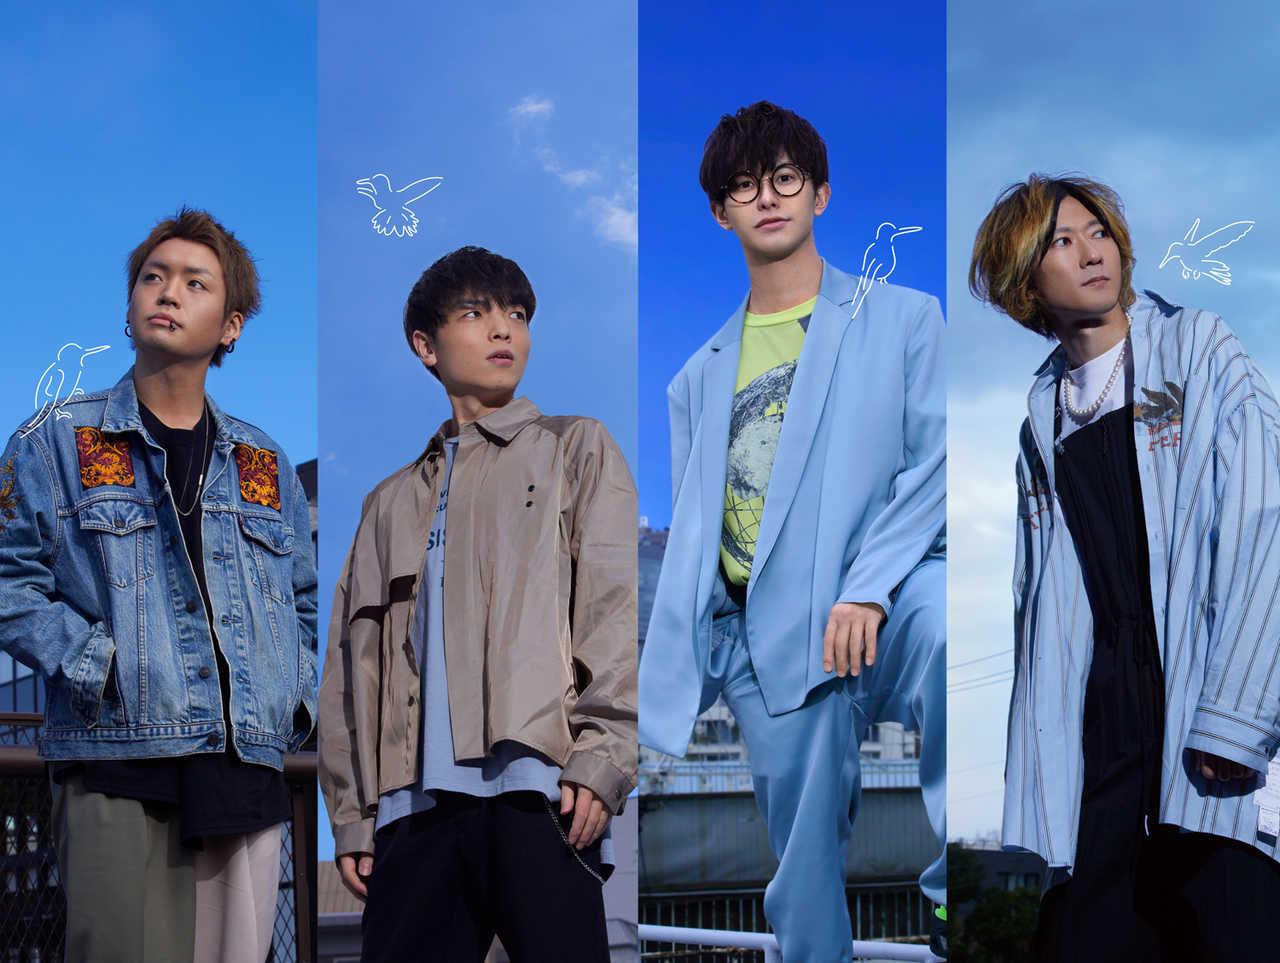 BLUE ENCOUNT「あなたへ」を5/13に配信決定!武道館のLIVE映像、メンバーによるトーク番組も公開!